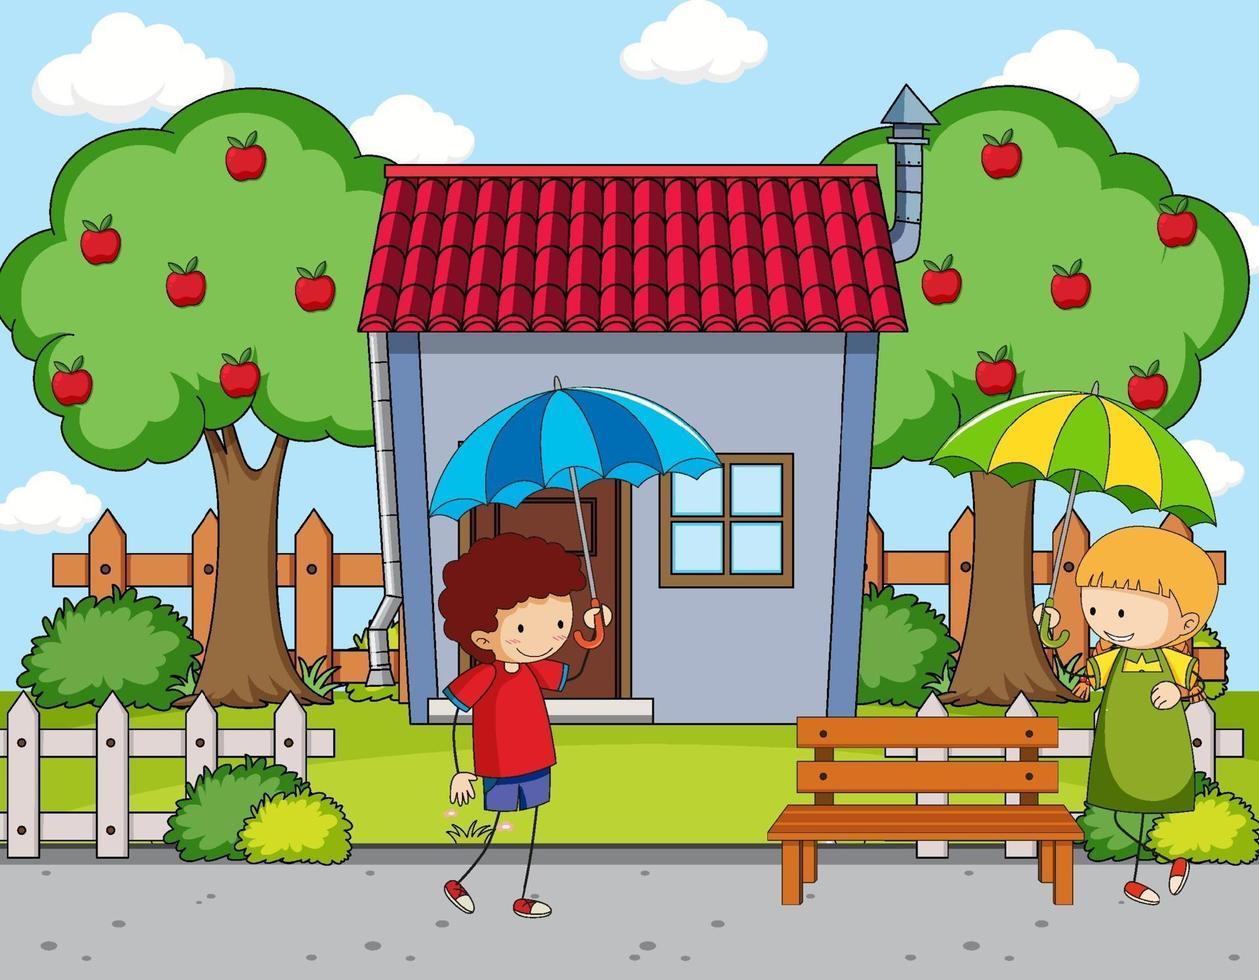 voorkant van huis scène met twee kinderen met paraplu vector